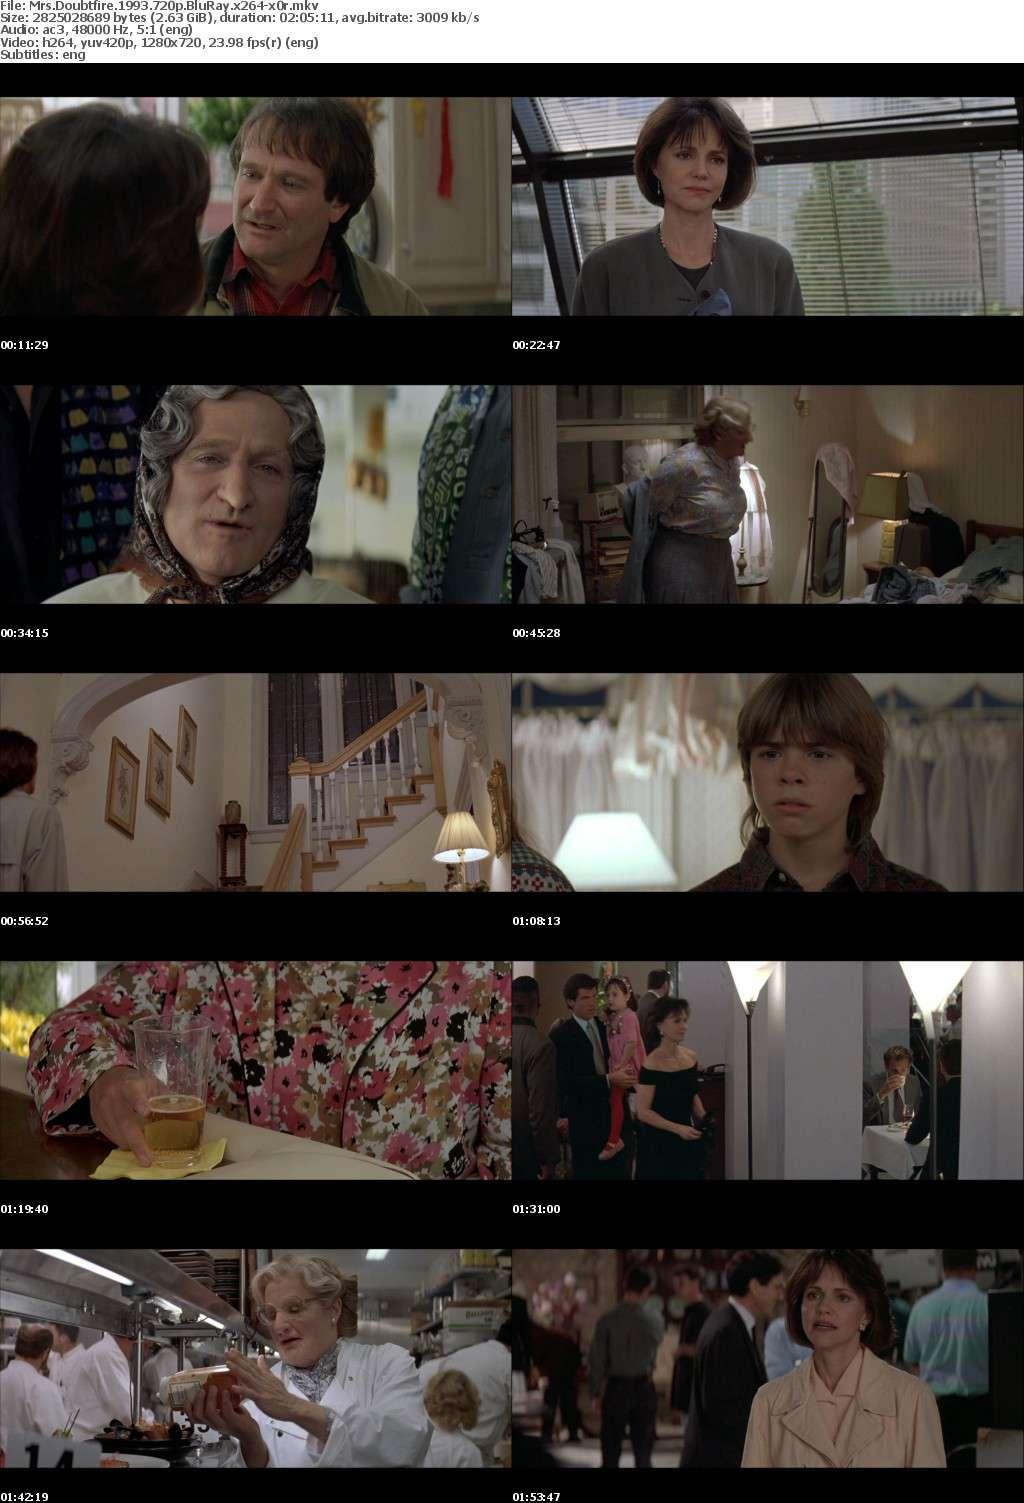 Mrs Doubtfire 1993 720p BluRay x264-x0r